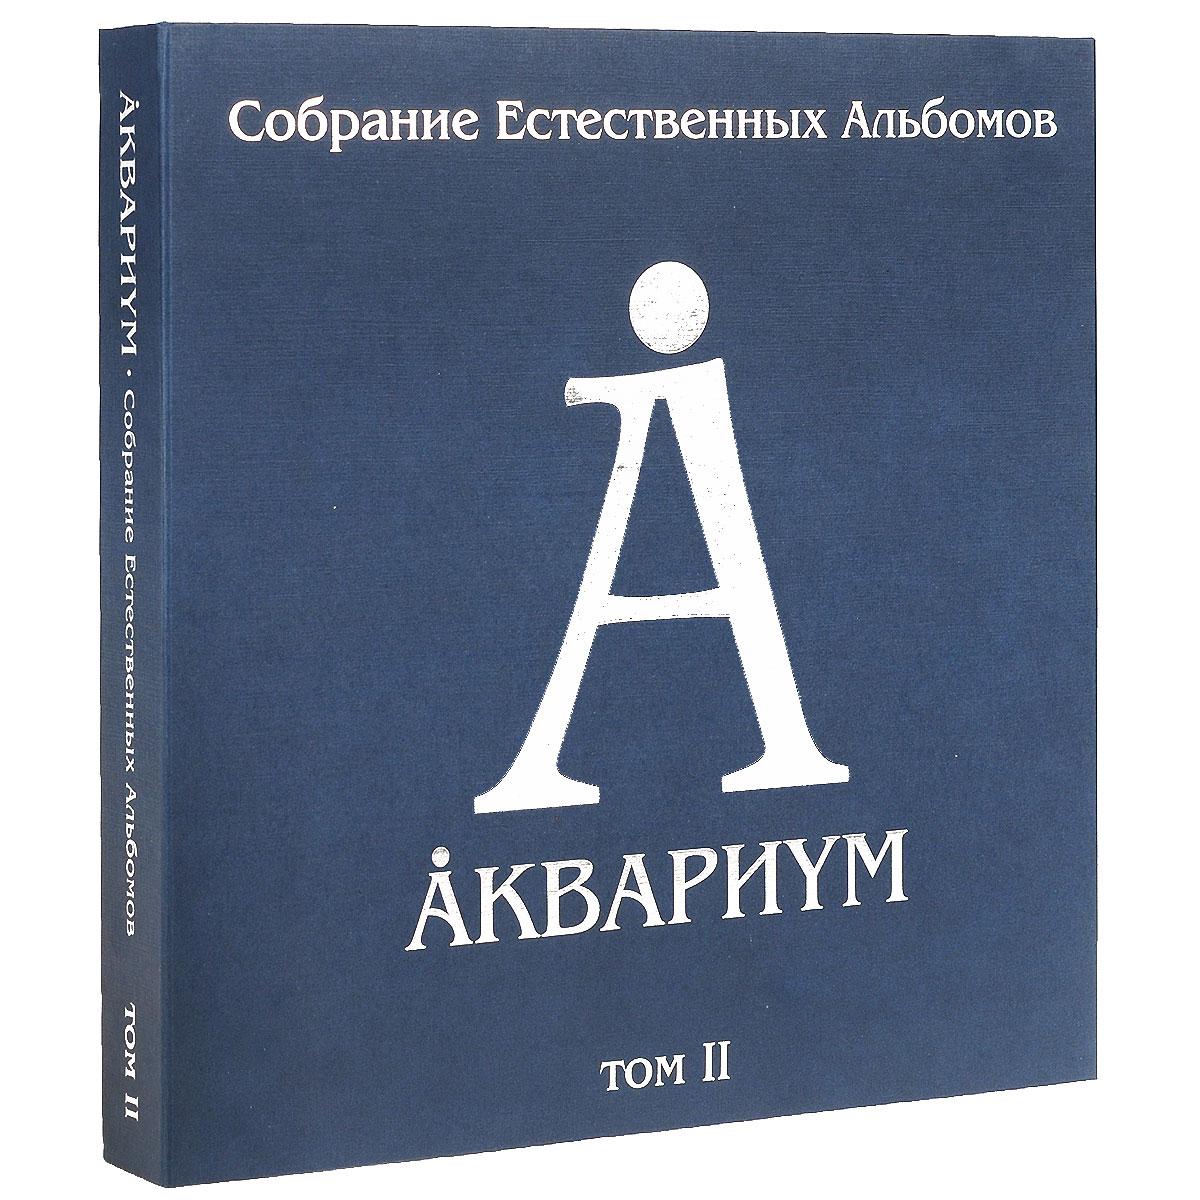 Аквариум Аквариум. Собрание естественных альбомов. Том II (5 LP) аквариум аквариум радио африка